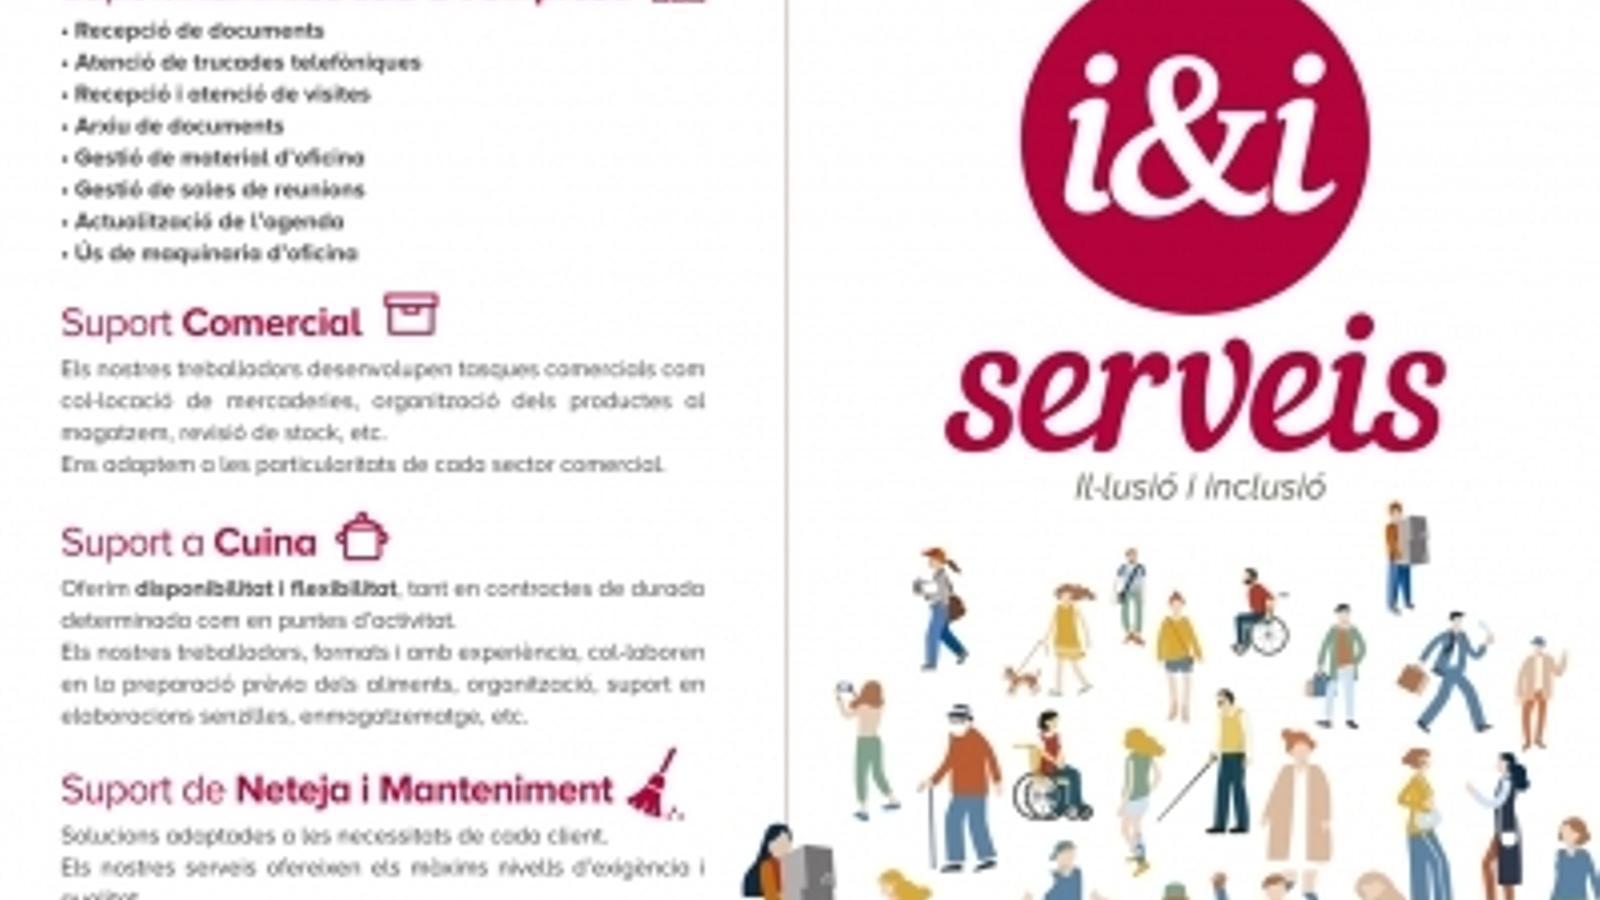 El tríptic que anuncia els serveis de l'empresa. / I&I SERVEIS